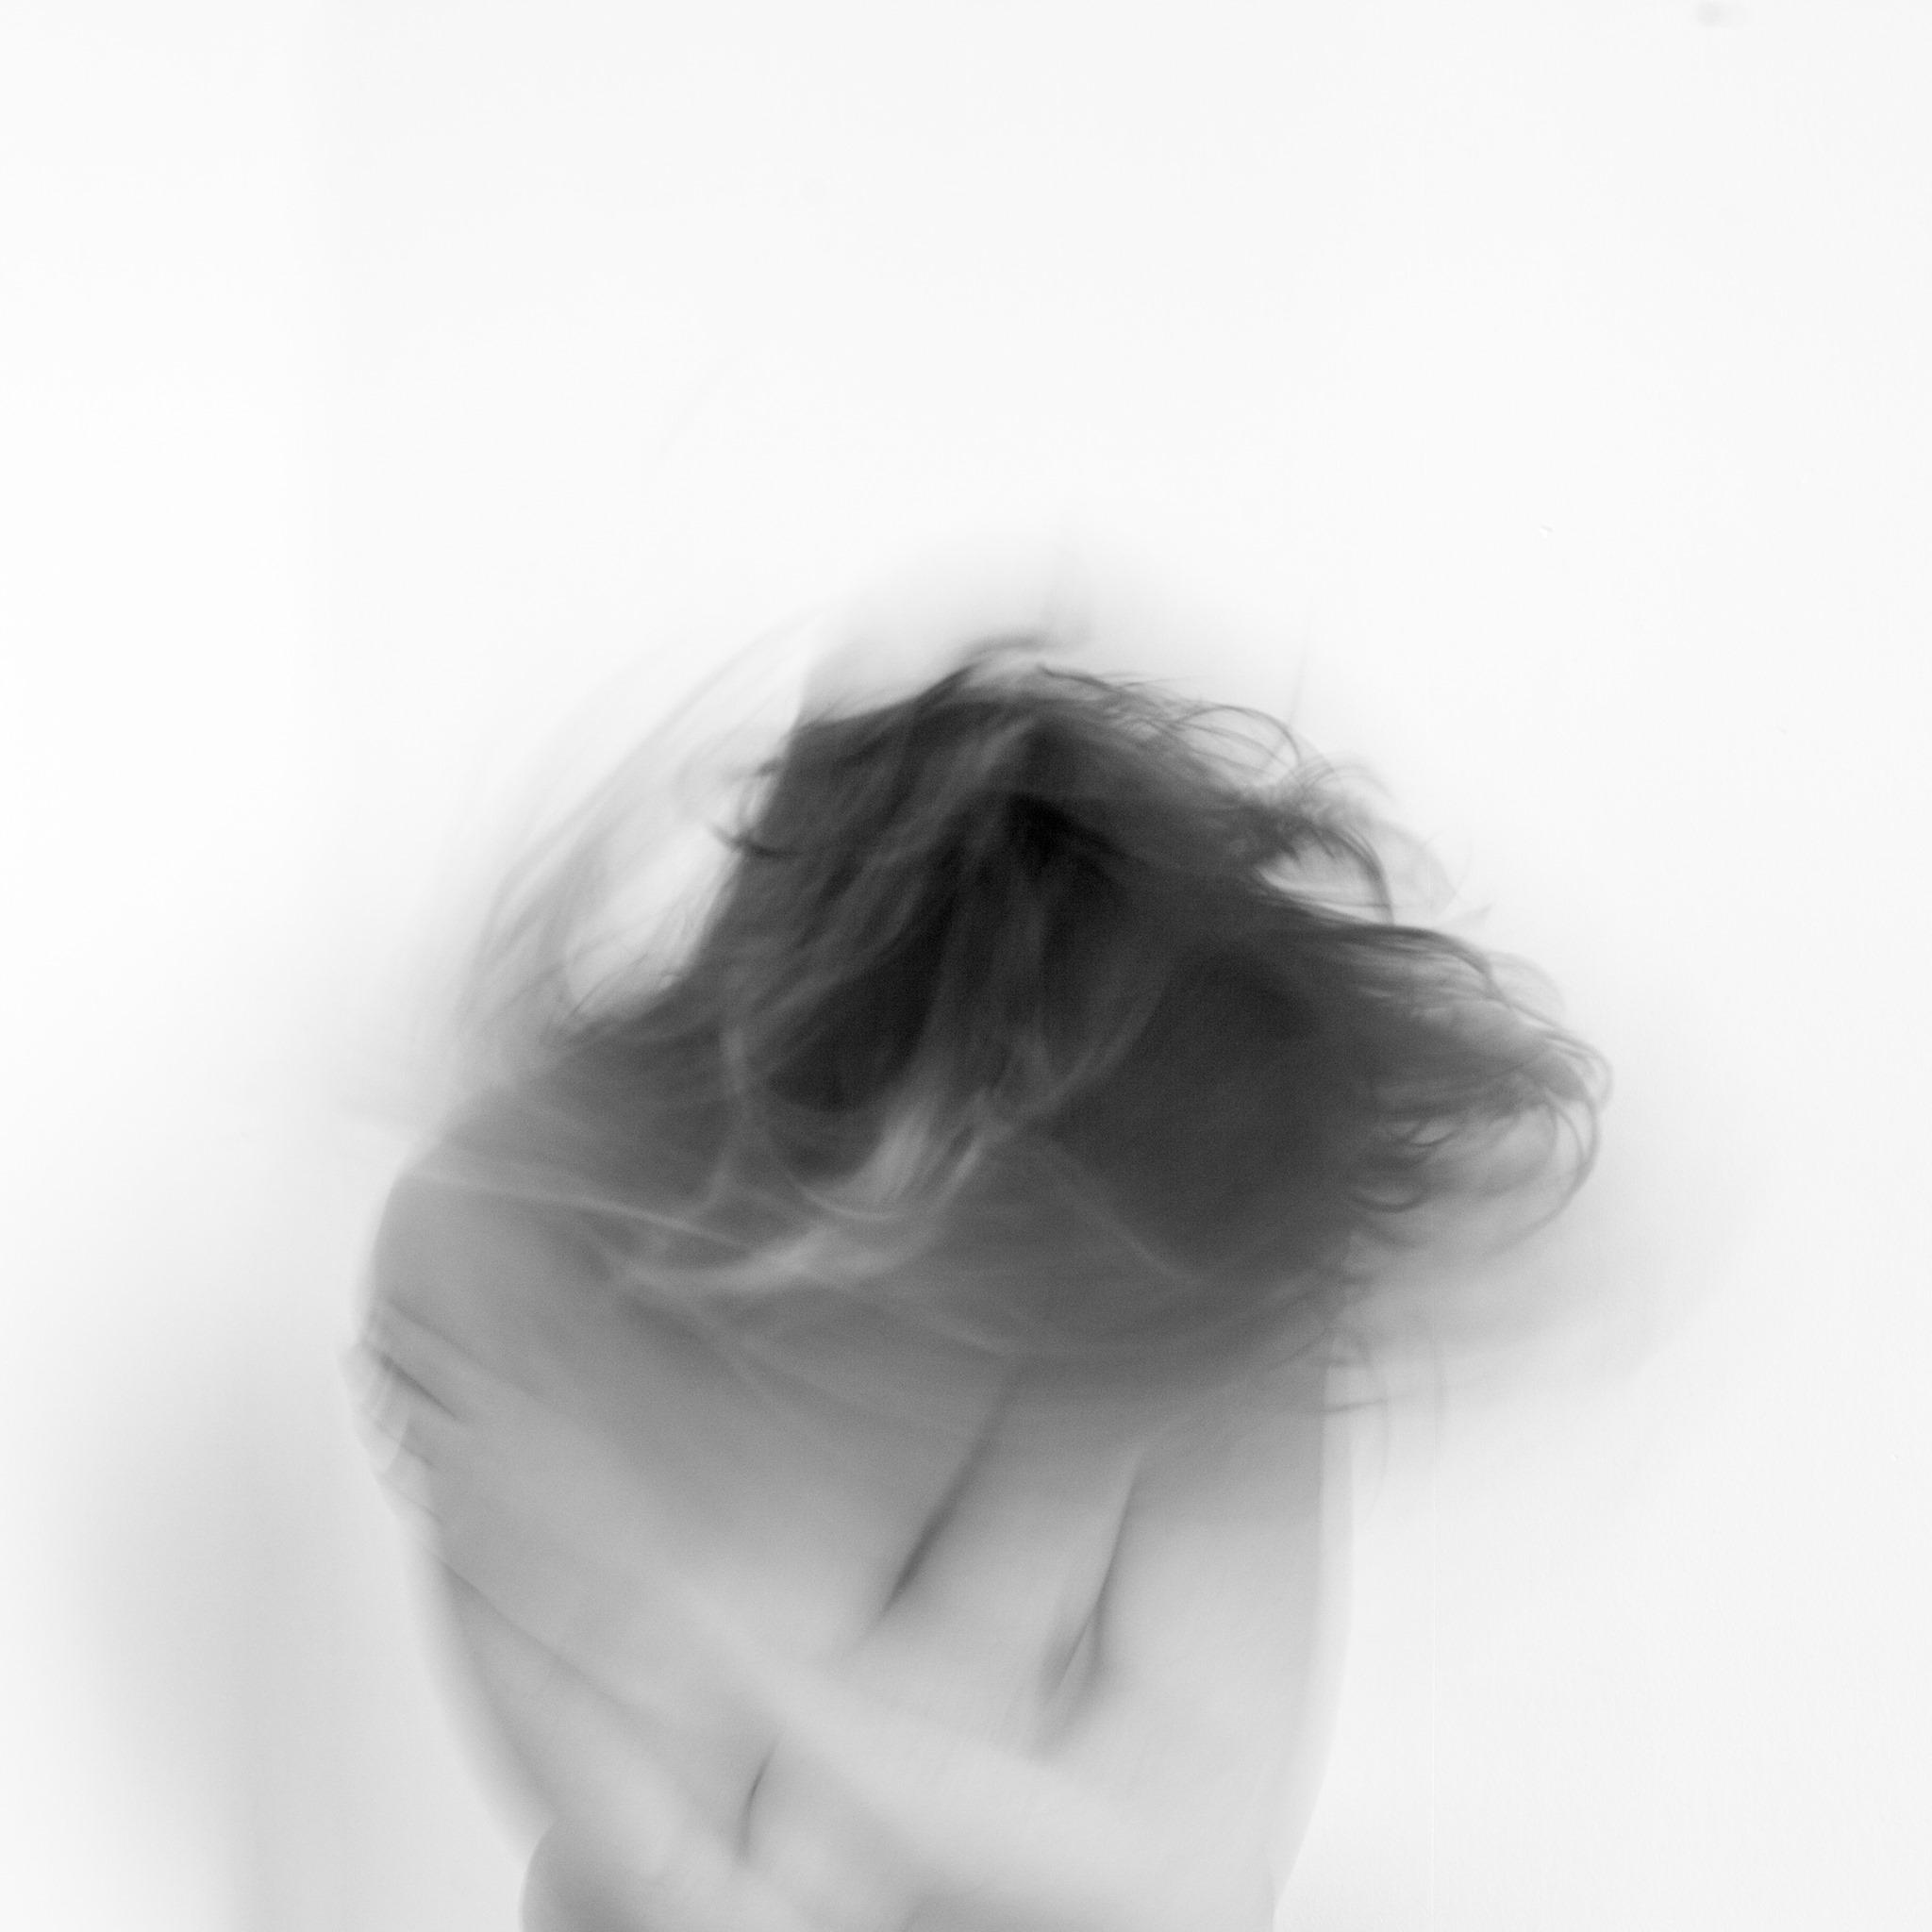 Emprise, Etienne Mariaud, Atelier Focale 16, exposition photo à l'incontournable